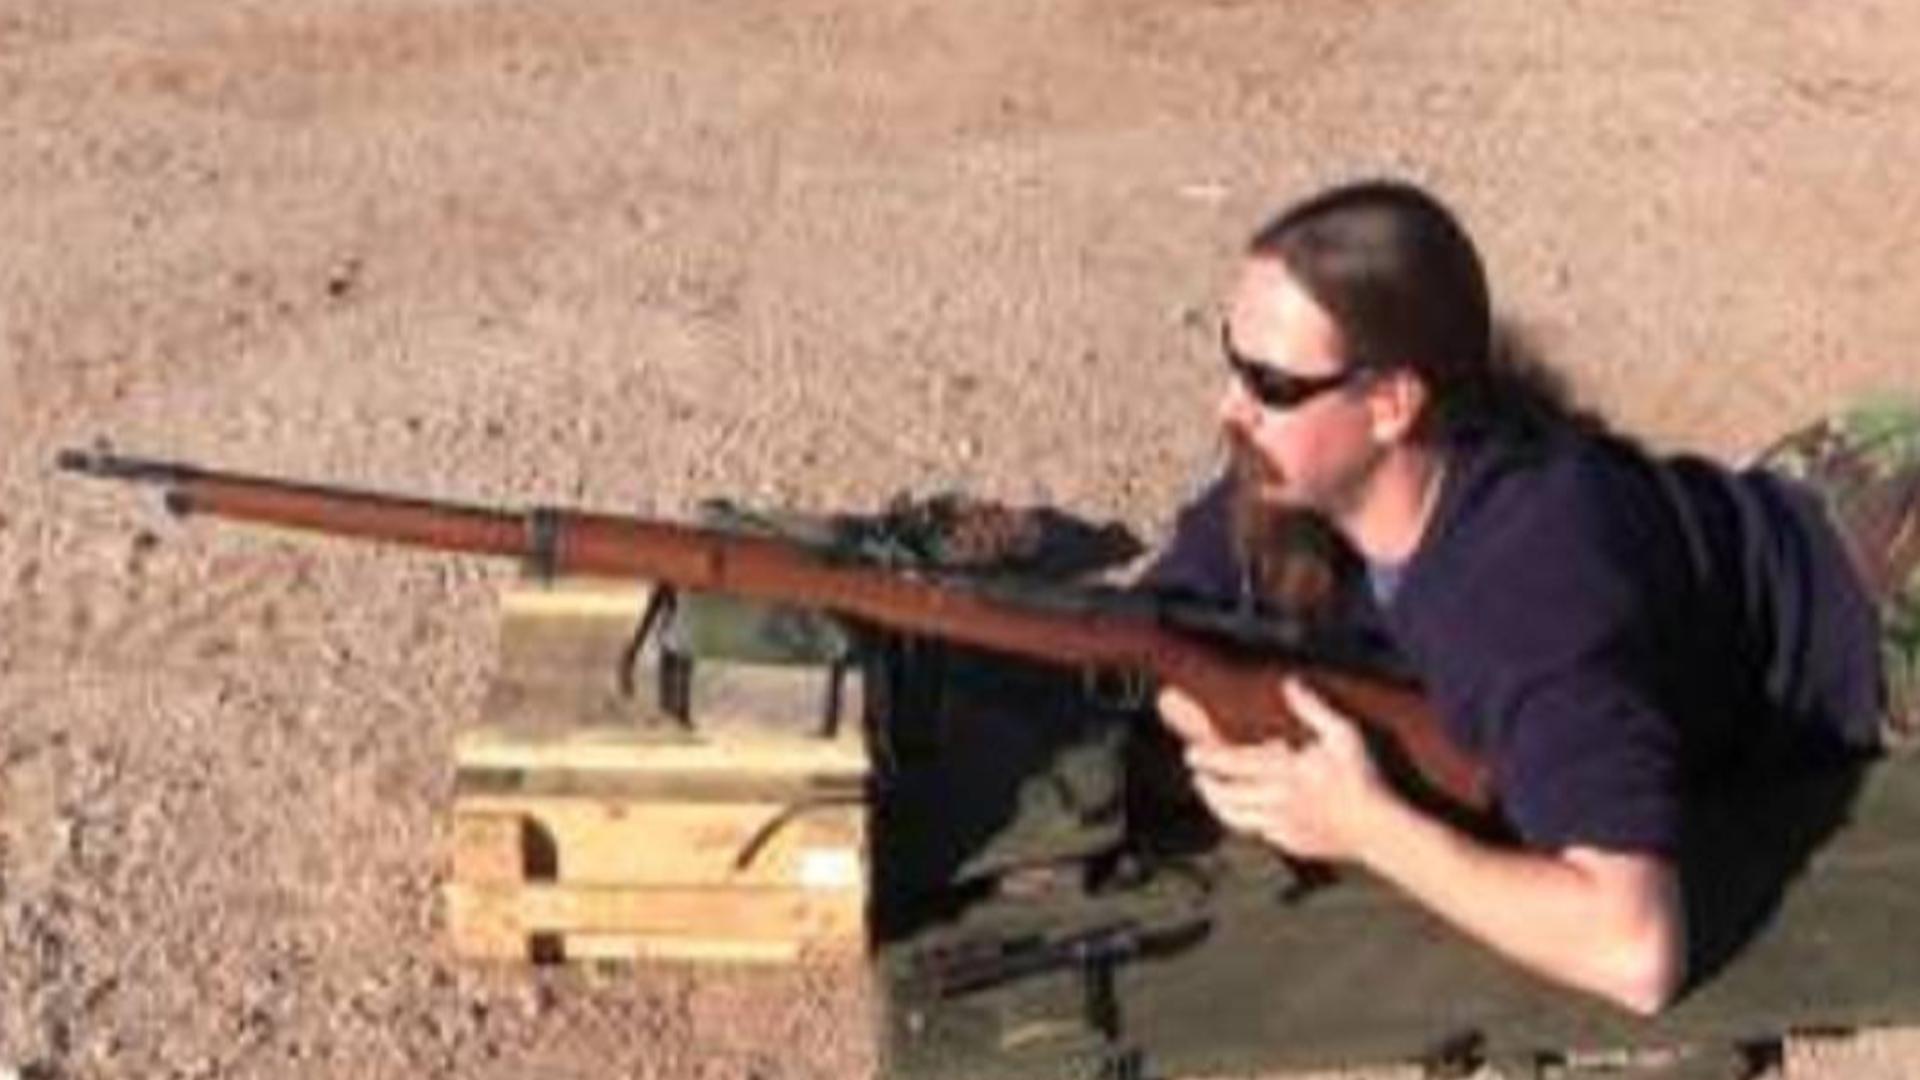 【搬运/已加工字幕】日本97式狙击步枪 历史介绍